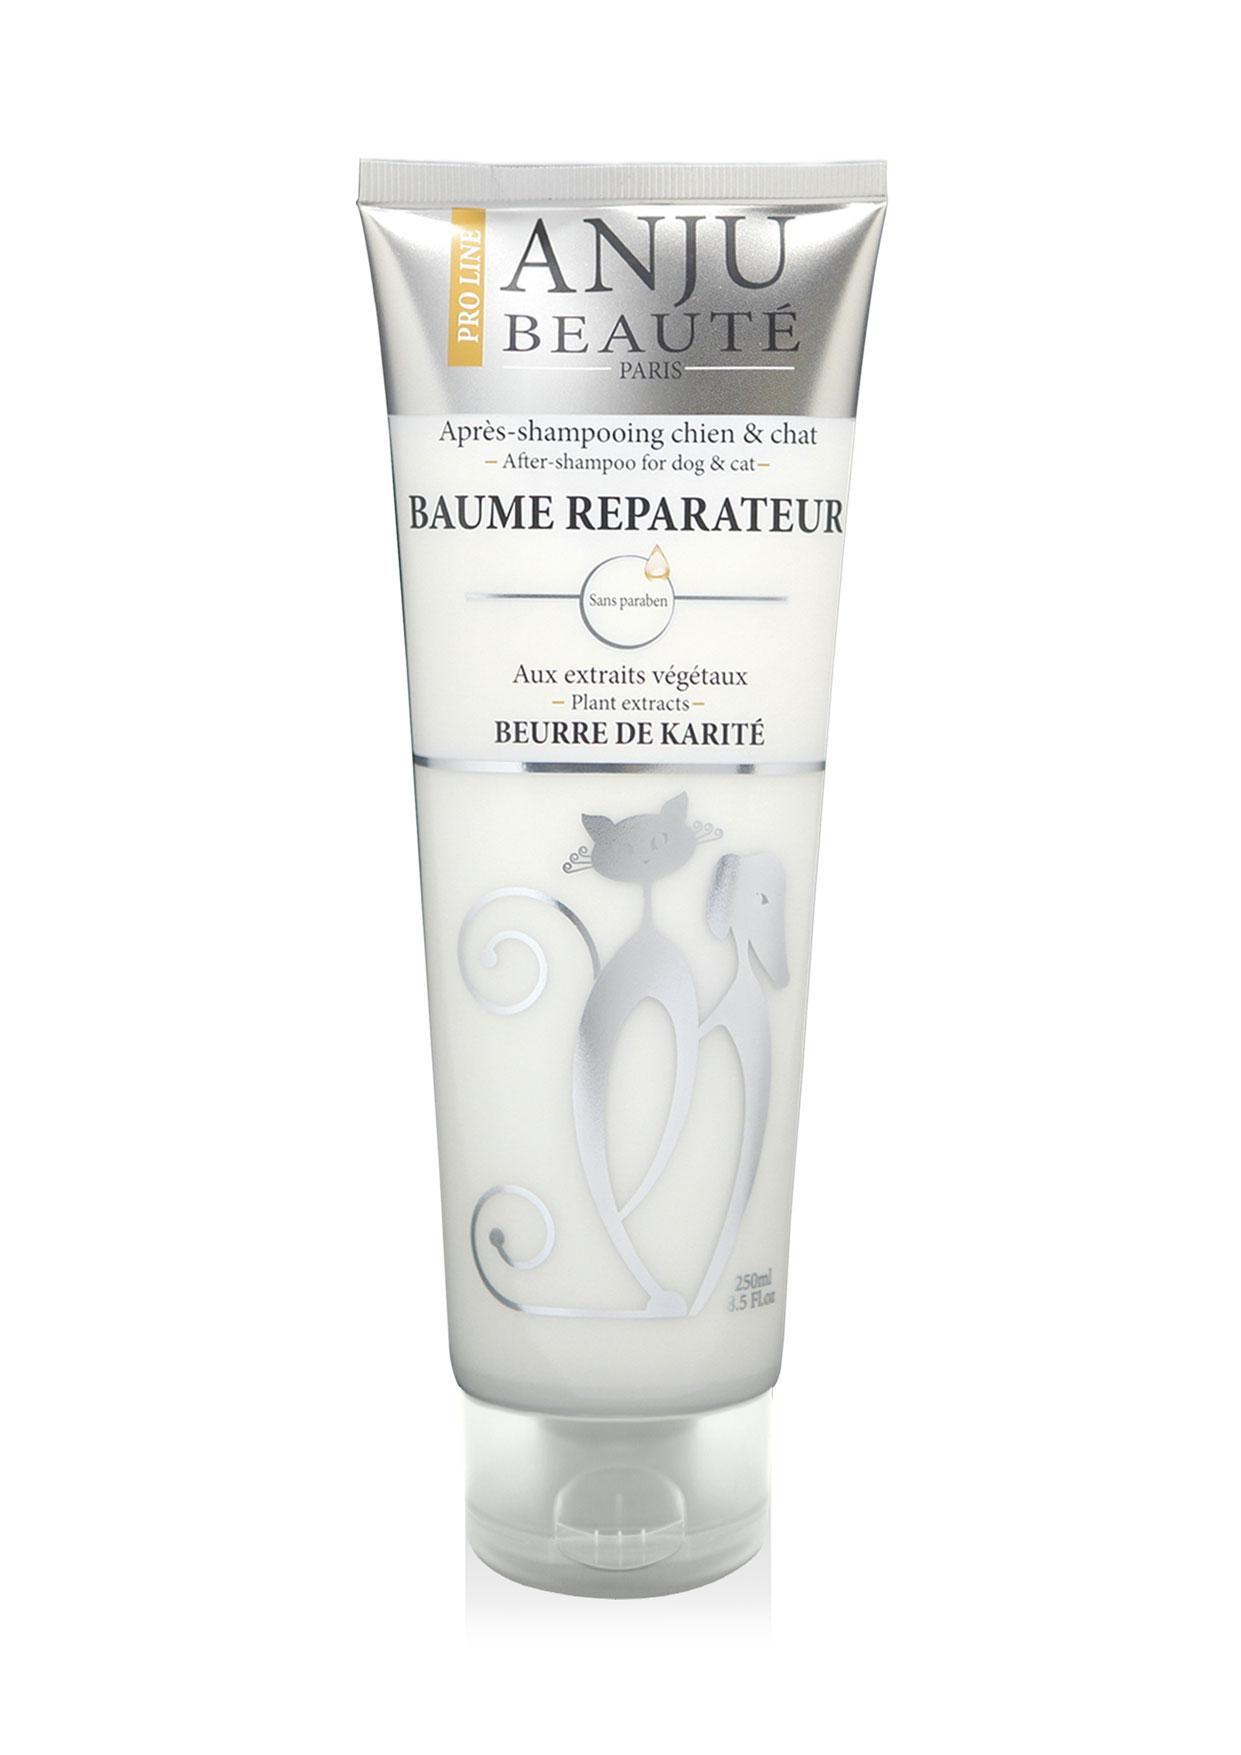 Baume Après Shampoing ANJU Beauté